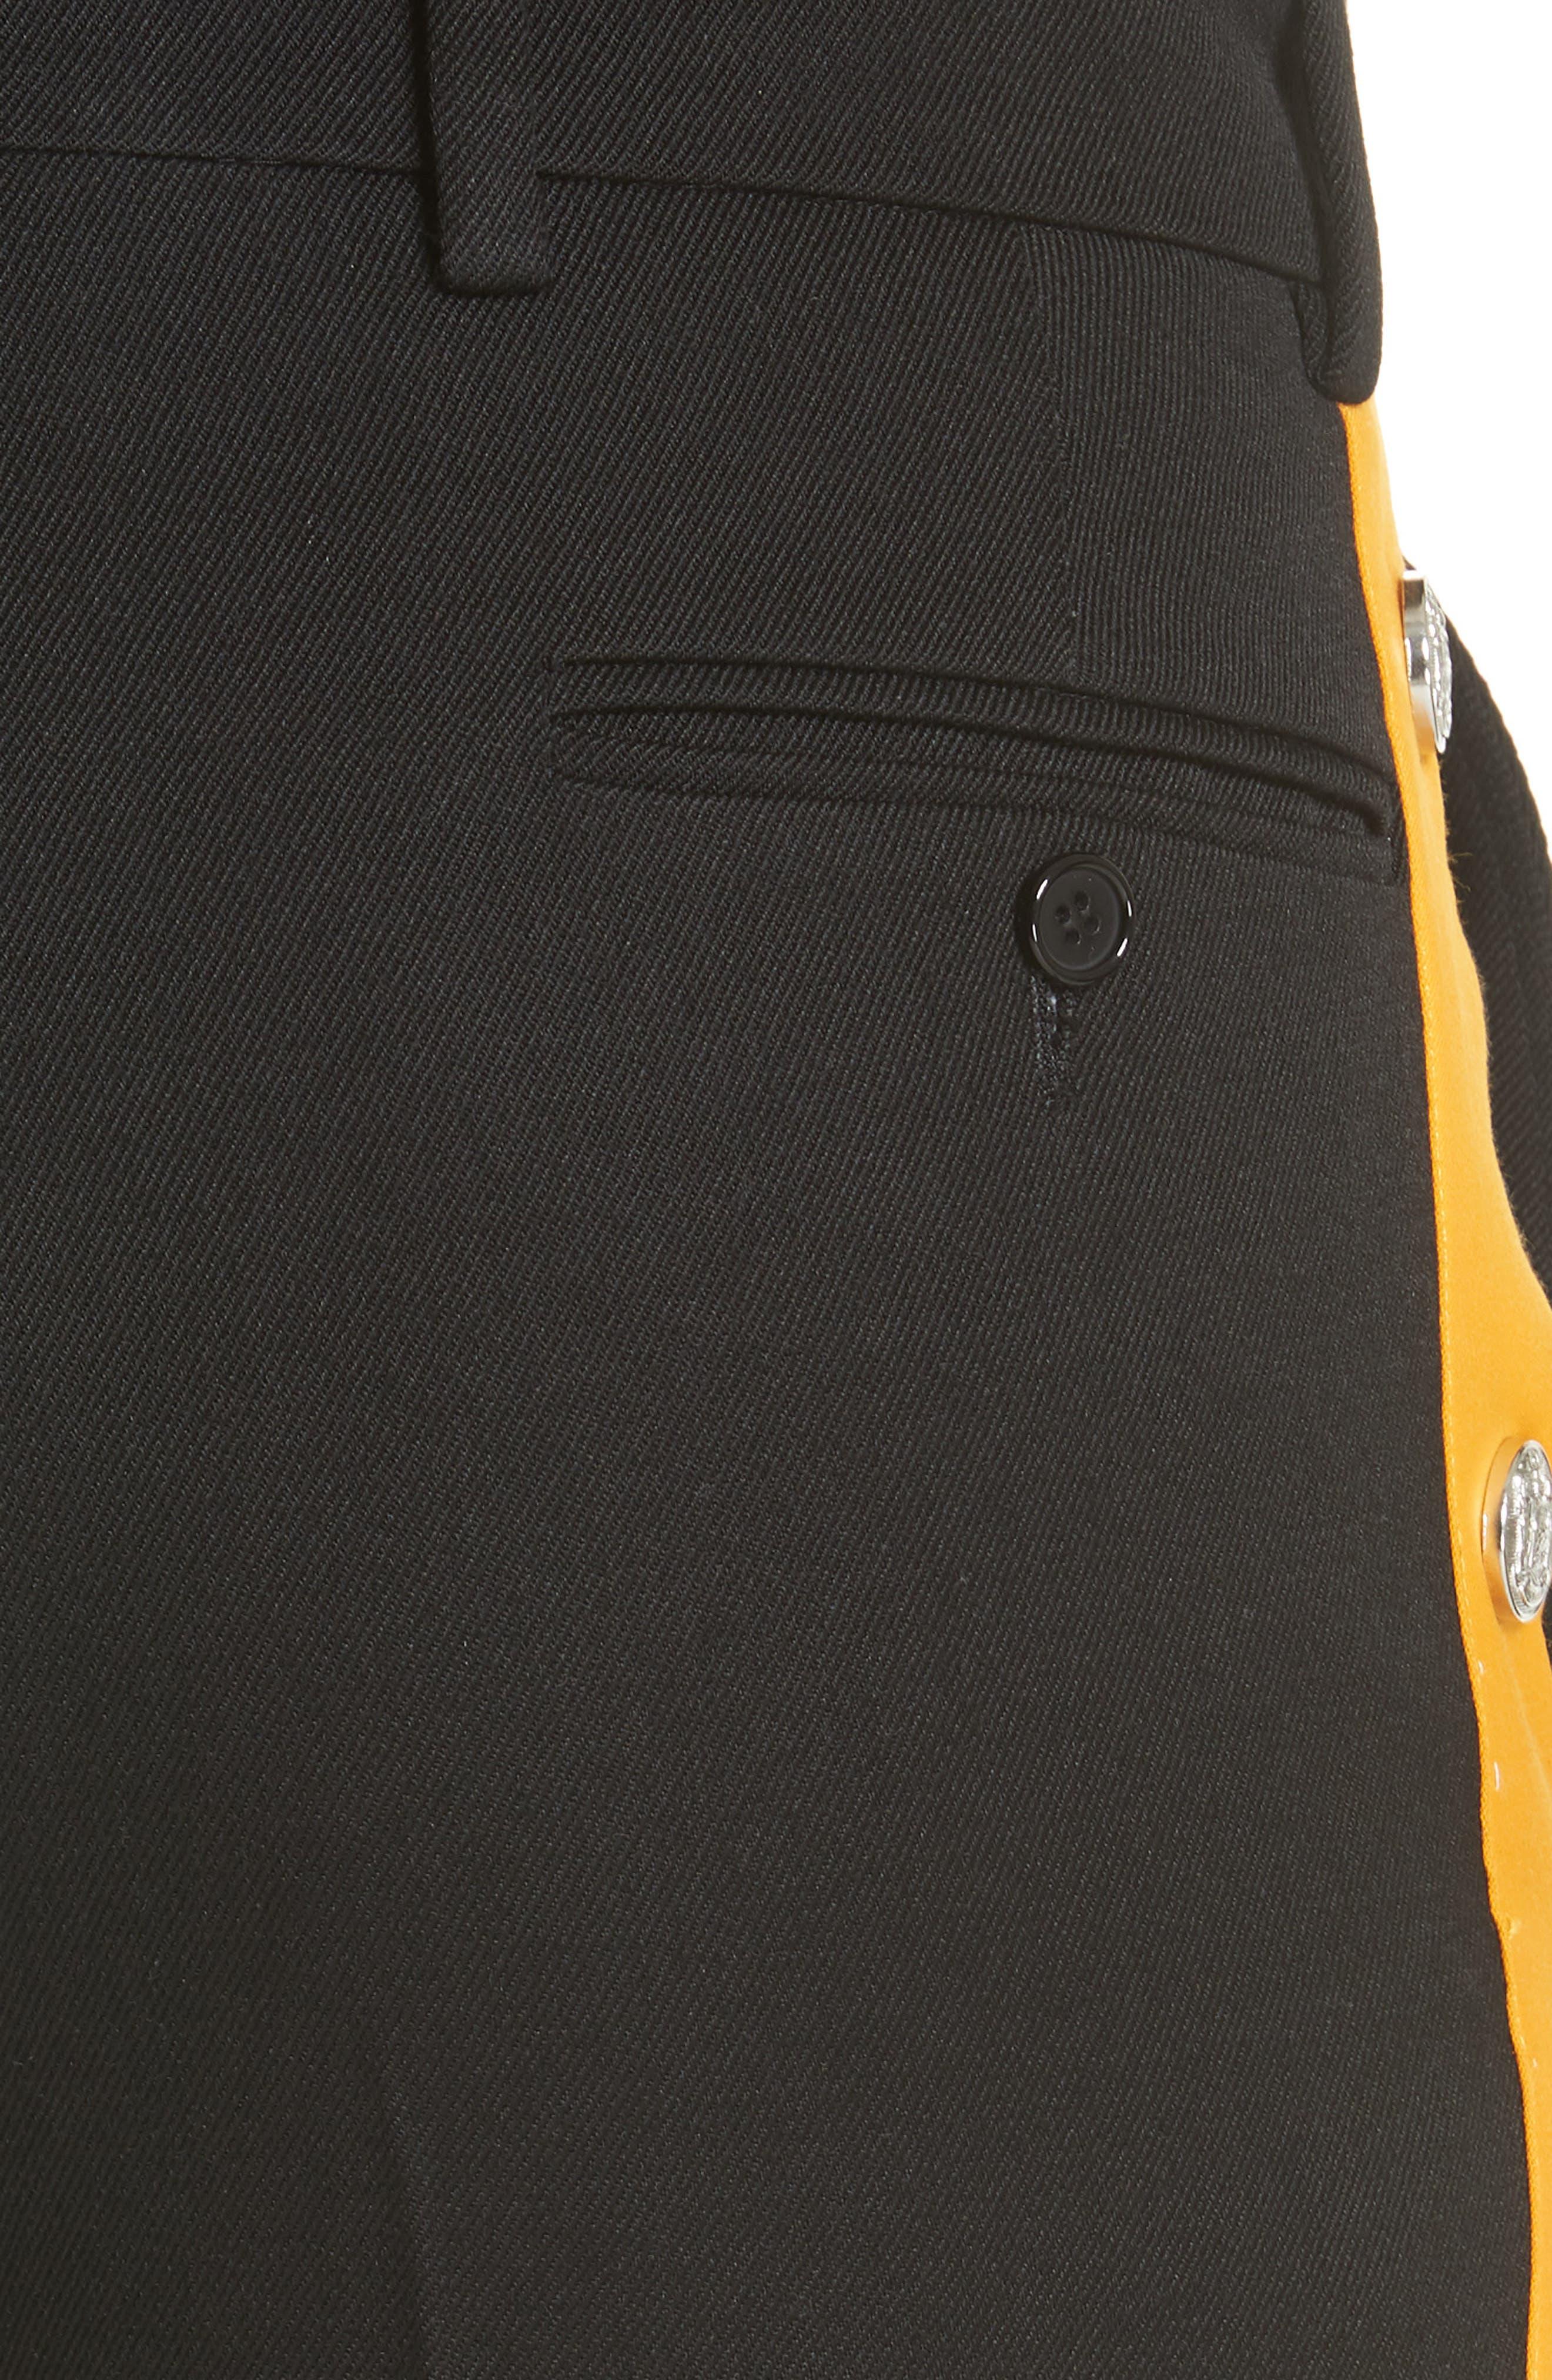 Breakaway Pants,                             Alternate thumbnail 5, color,                             BLACK/ TANGARINE